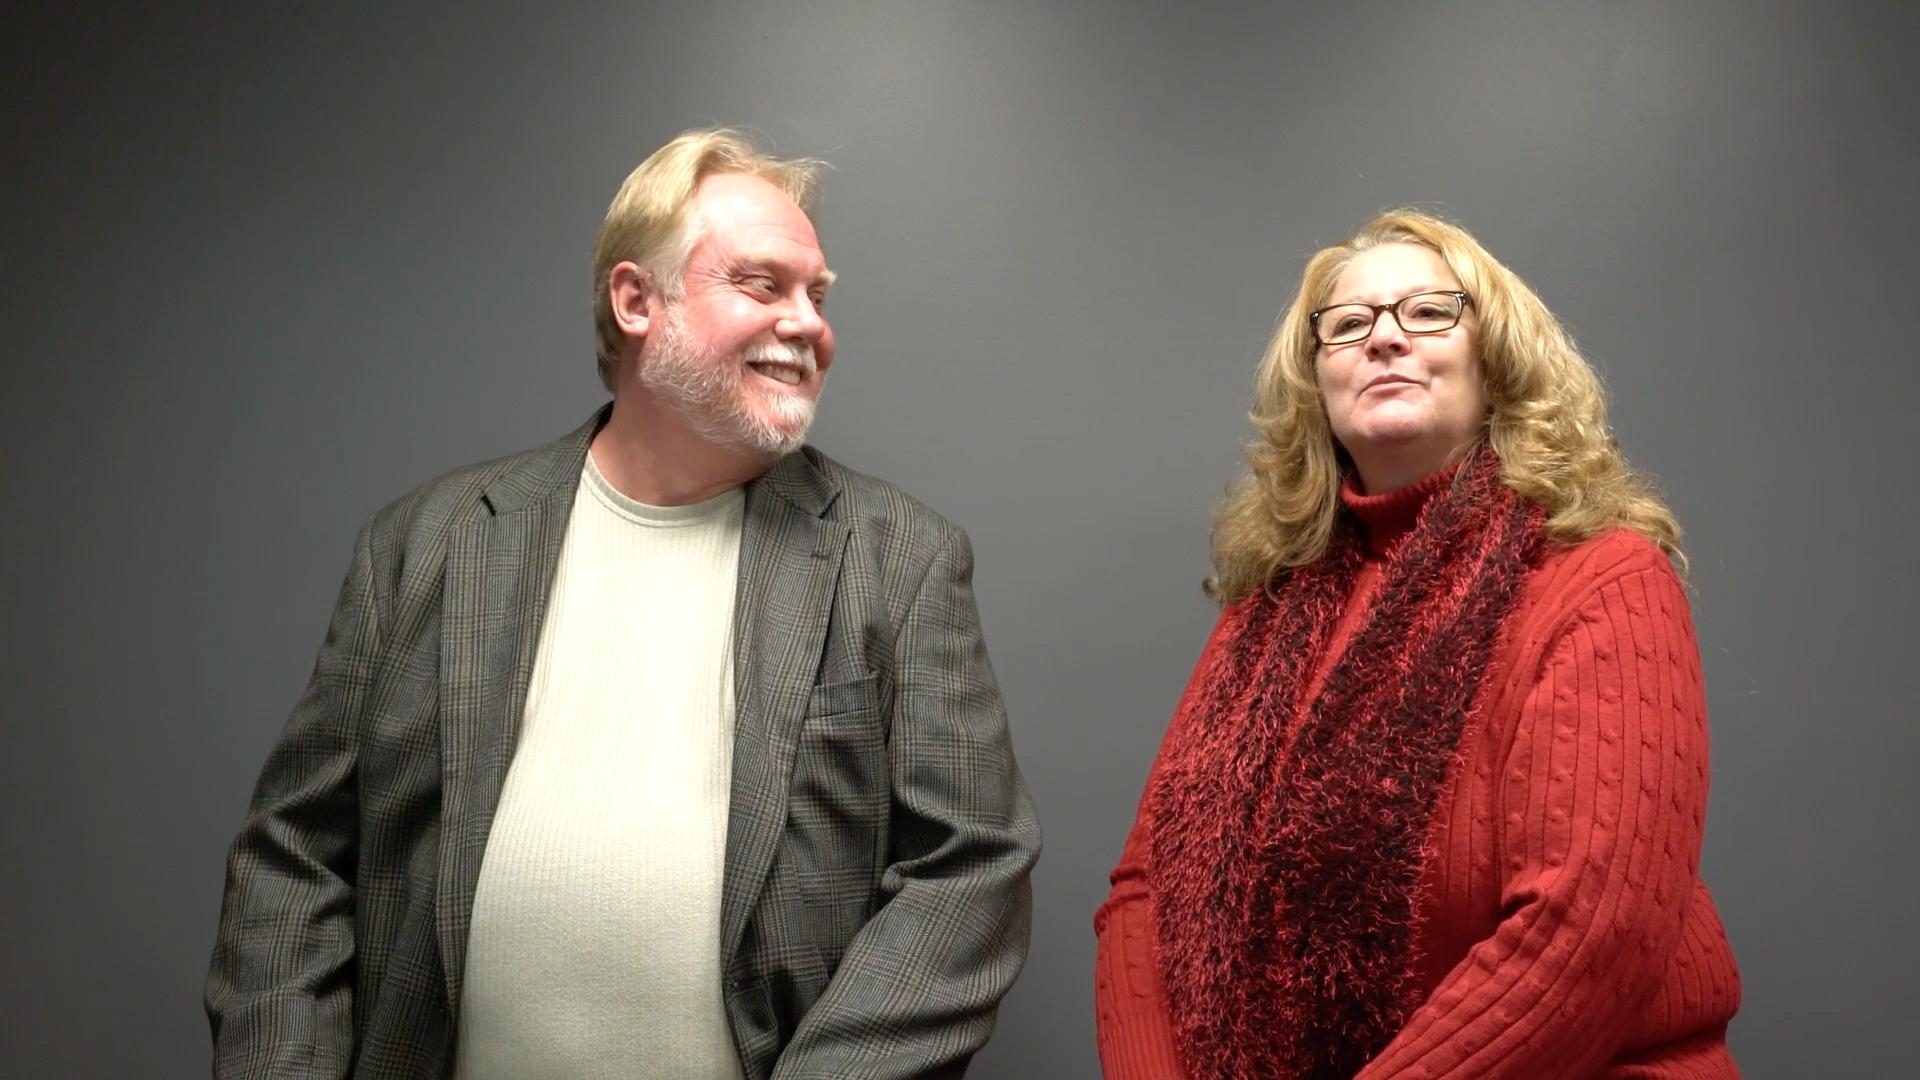 Tom & Debbie McKee